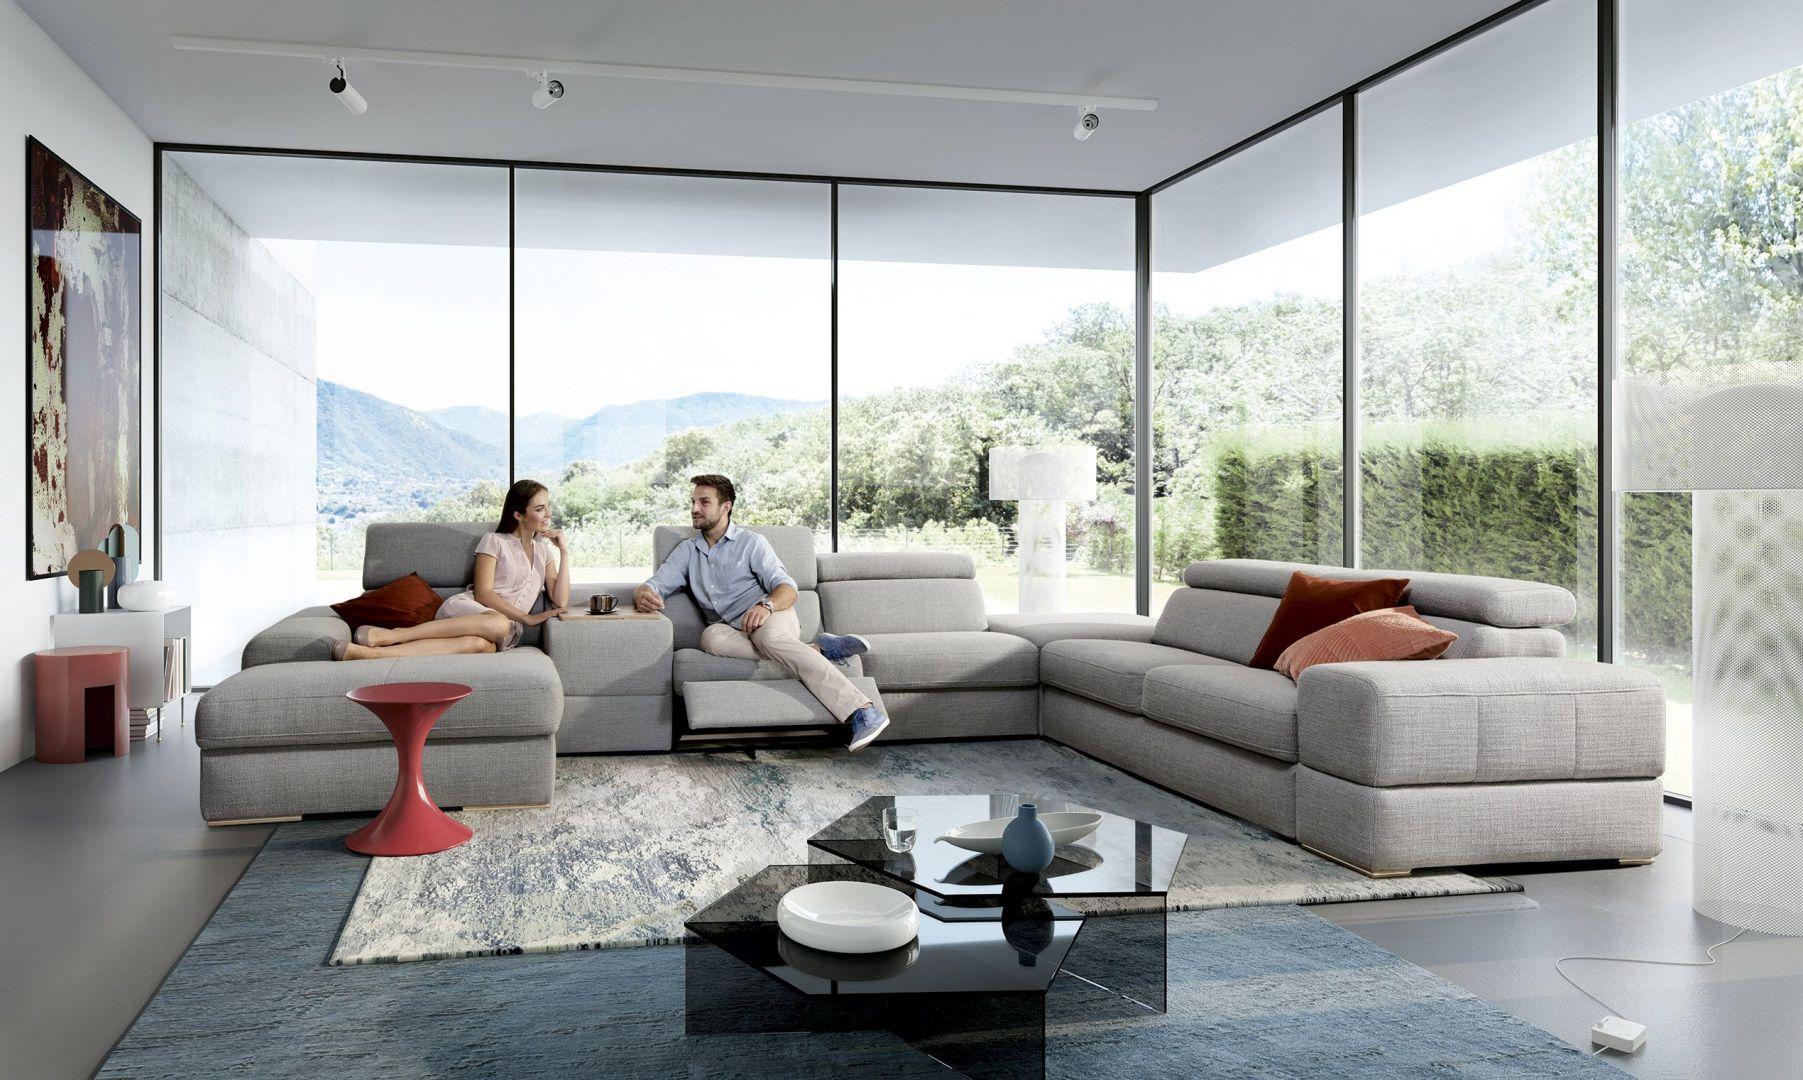 Modułowa kolekcja Plaza oferuje m.in. narożniki, sofy, fotele z funkcją relaksu. Fot. Gala Collezione